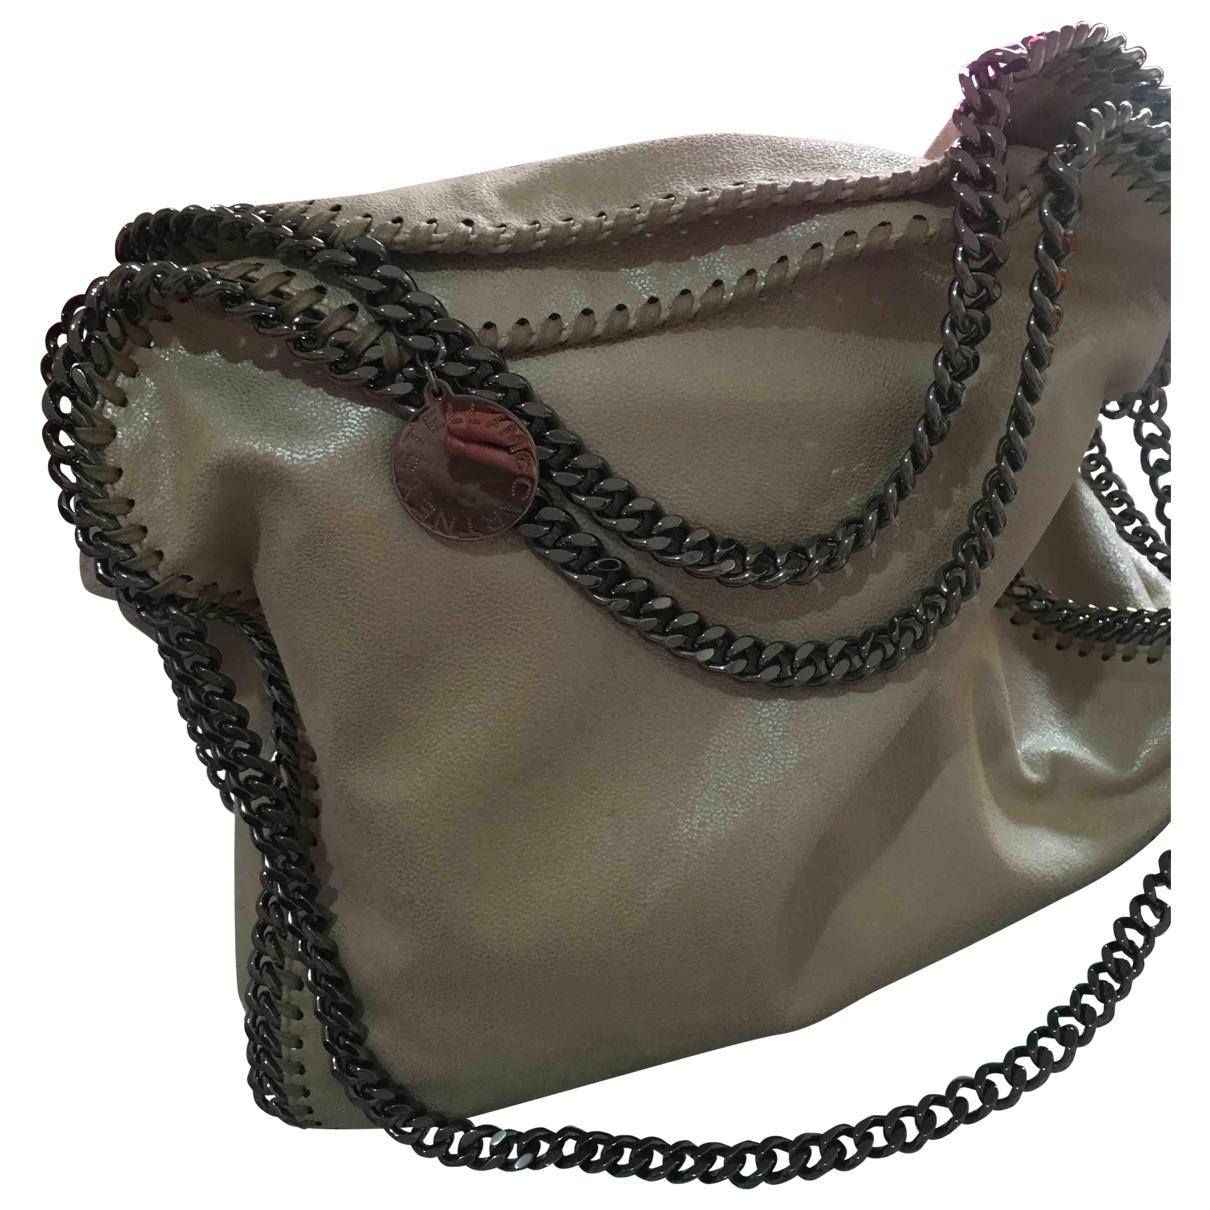 Stella Mccartney Falabella Handtasche in  Beige Leinen